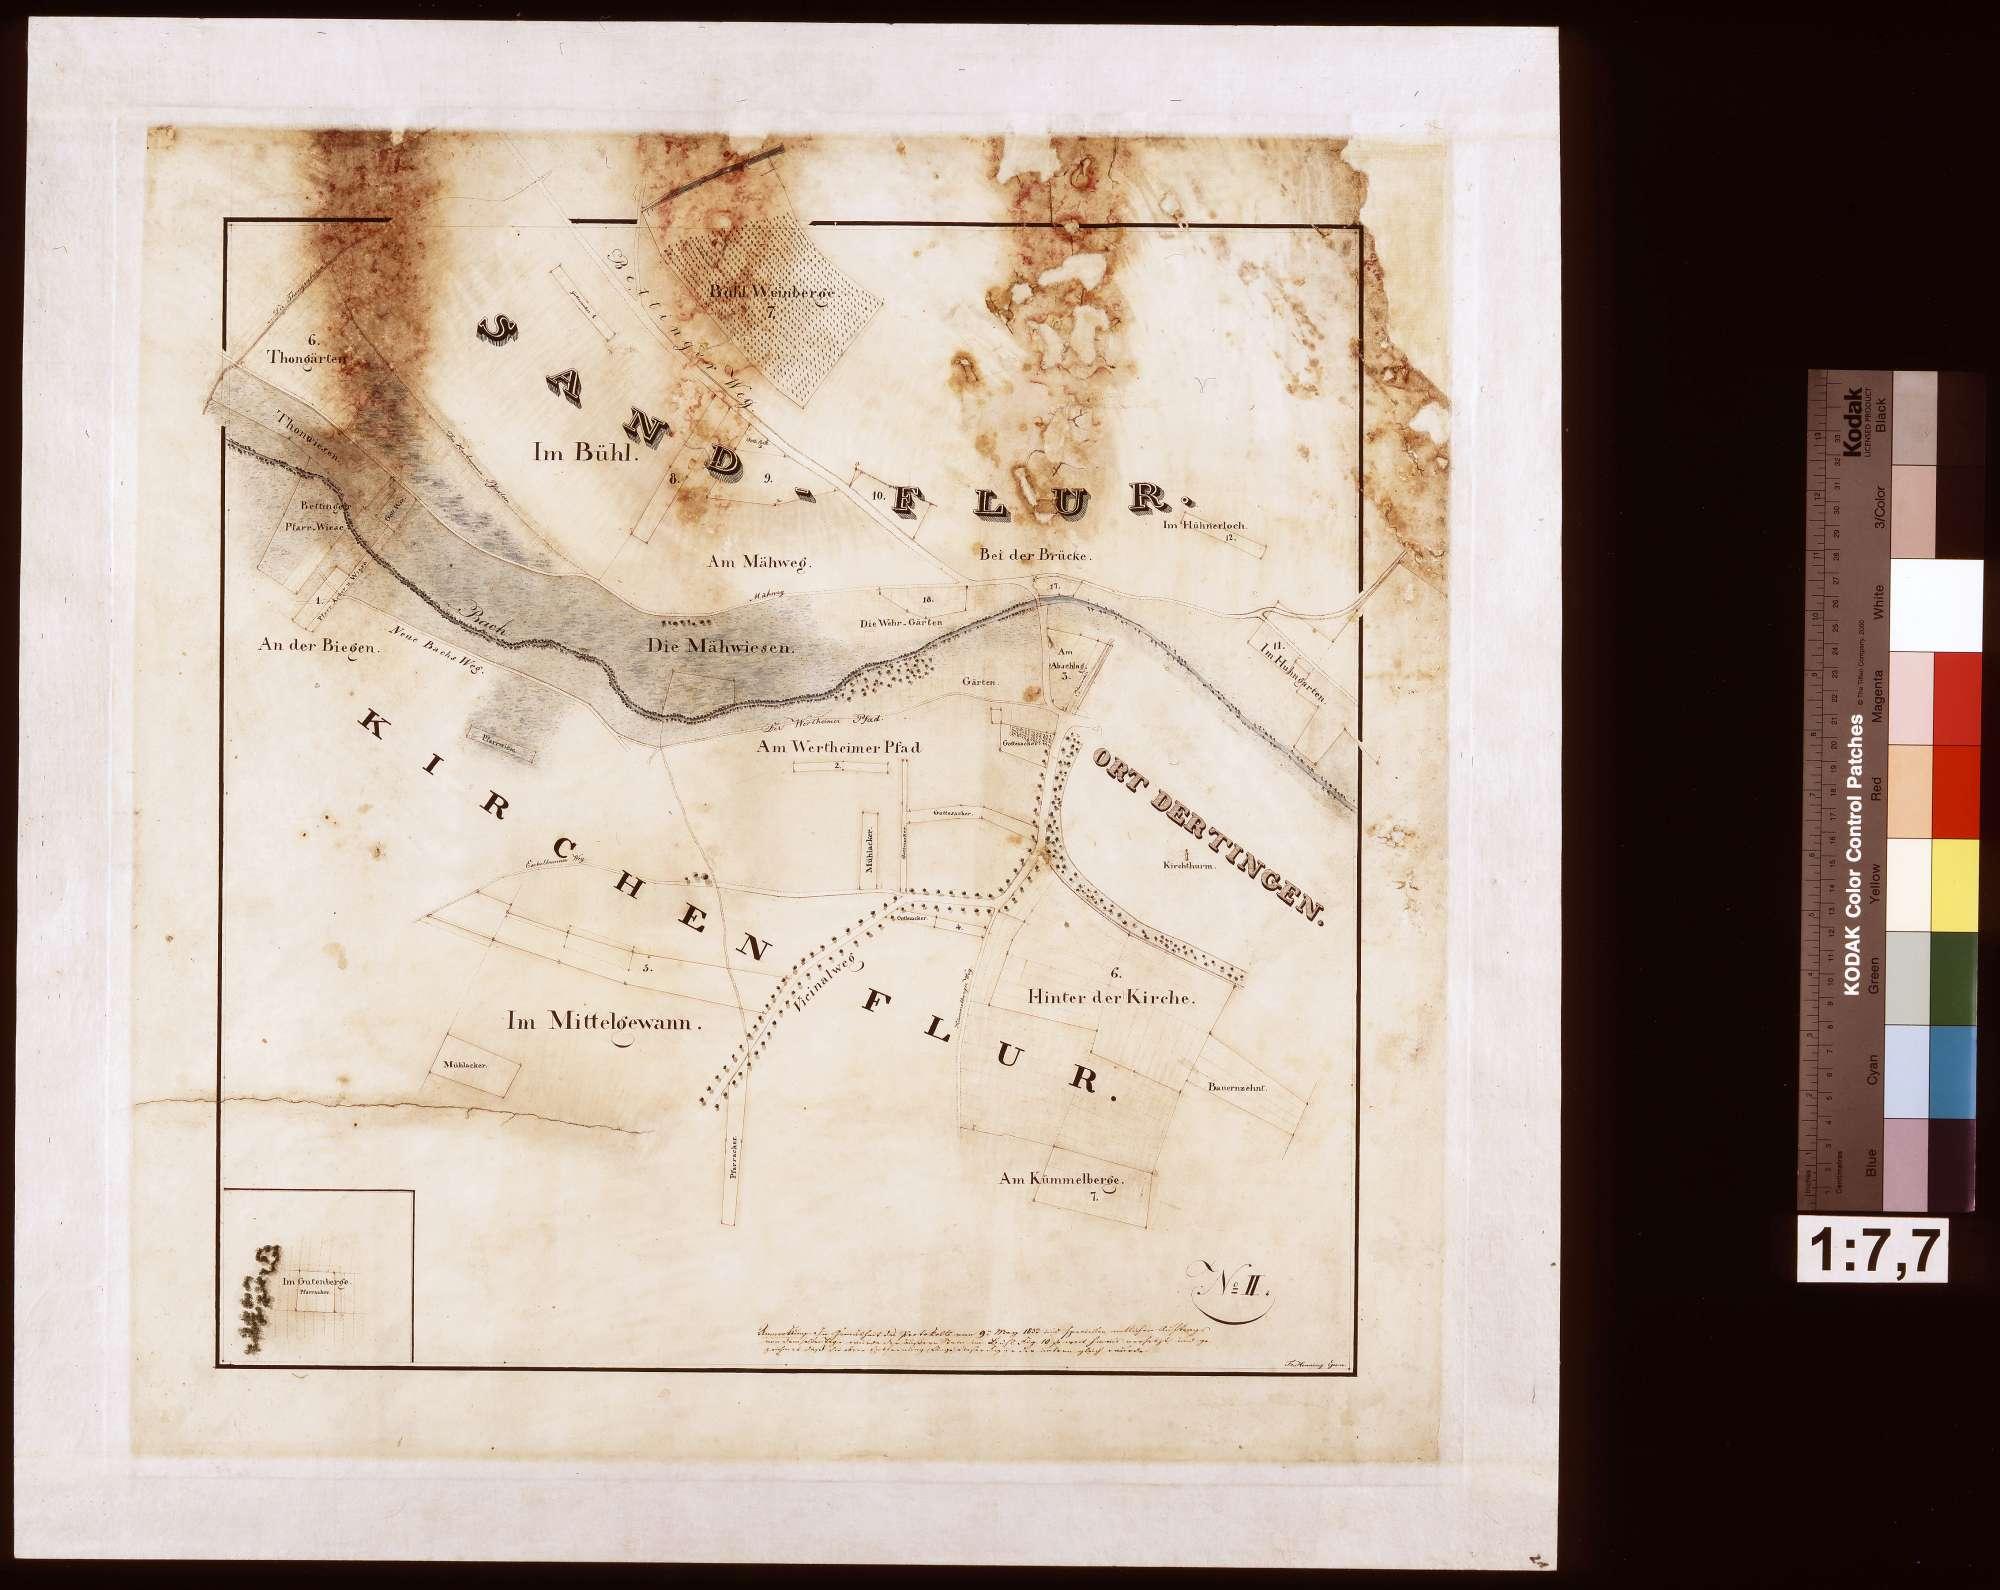 [Fluratlas gemeinherrschaftlicher Grundstücke auf Gemarkung Dertingen] Blatt No. II (Hauptkarte mit 1 Nebenkarte), Bild 1